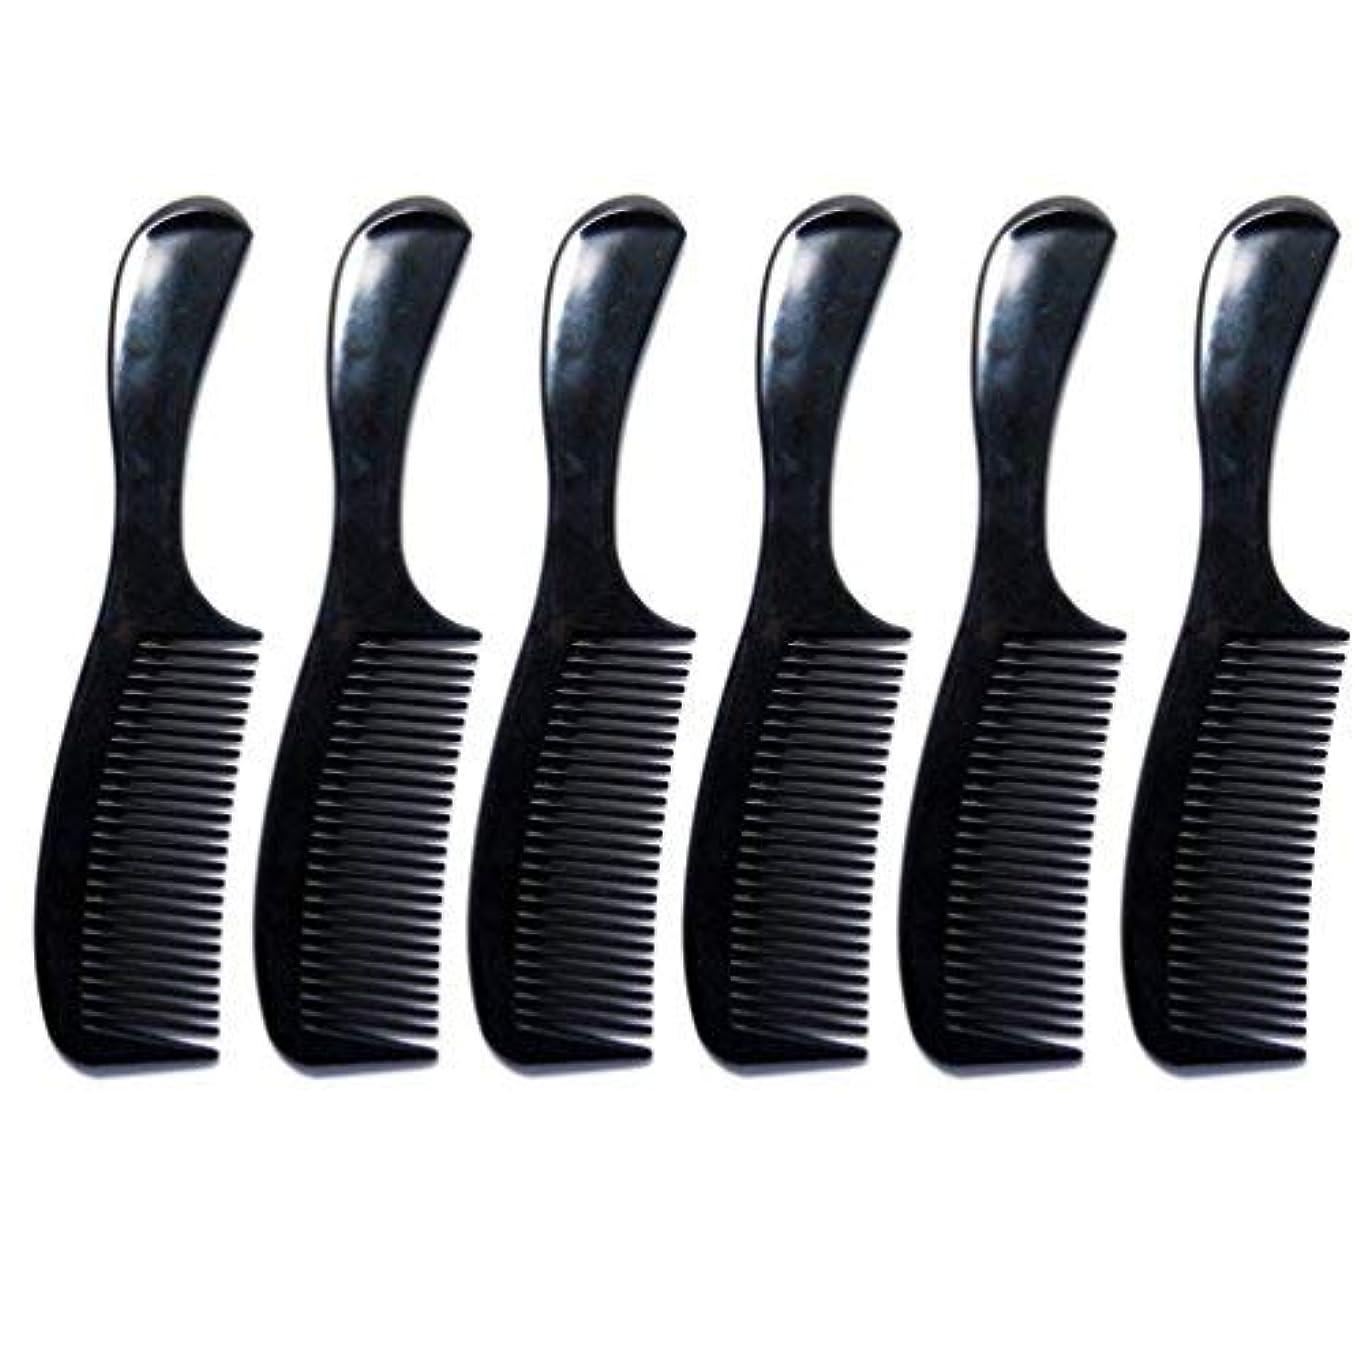 独占作成する再現するLuxxii - (6 Pack) 8 inch Black Styling Essentials Round Handle Comb Pocket [並行輸入品]